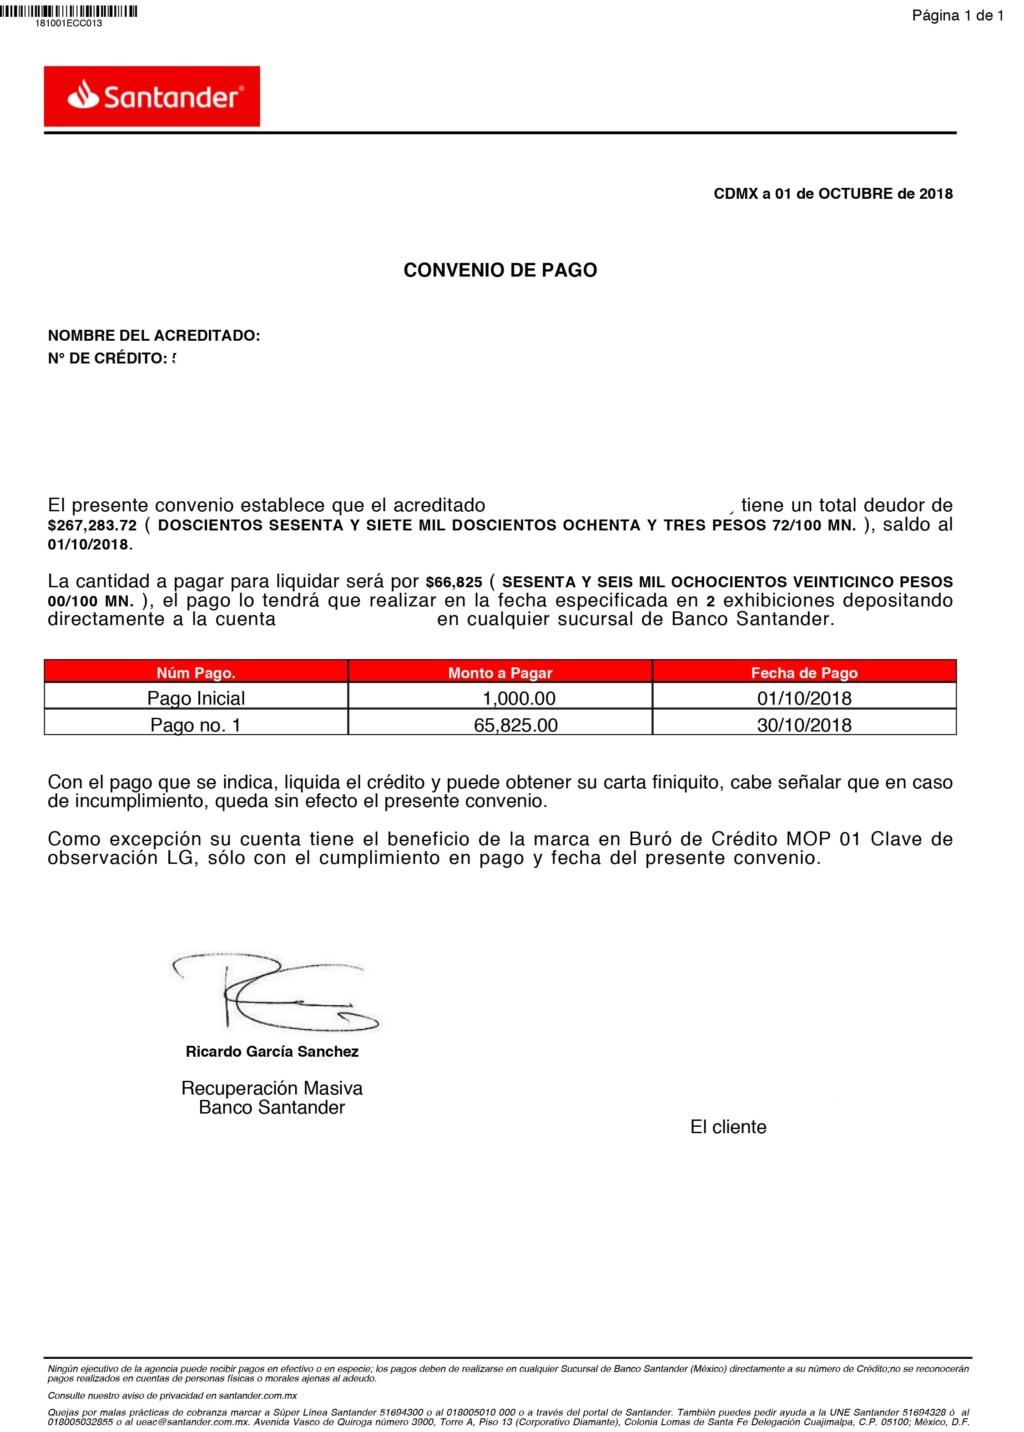 Convenio de pago con Santander 20181010